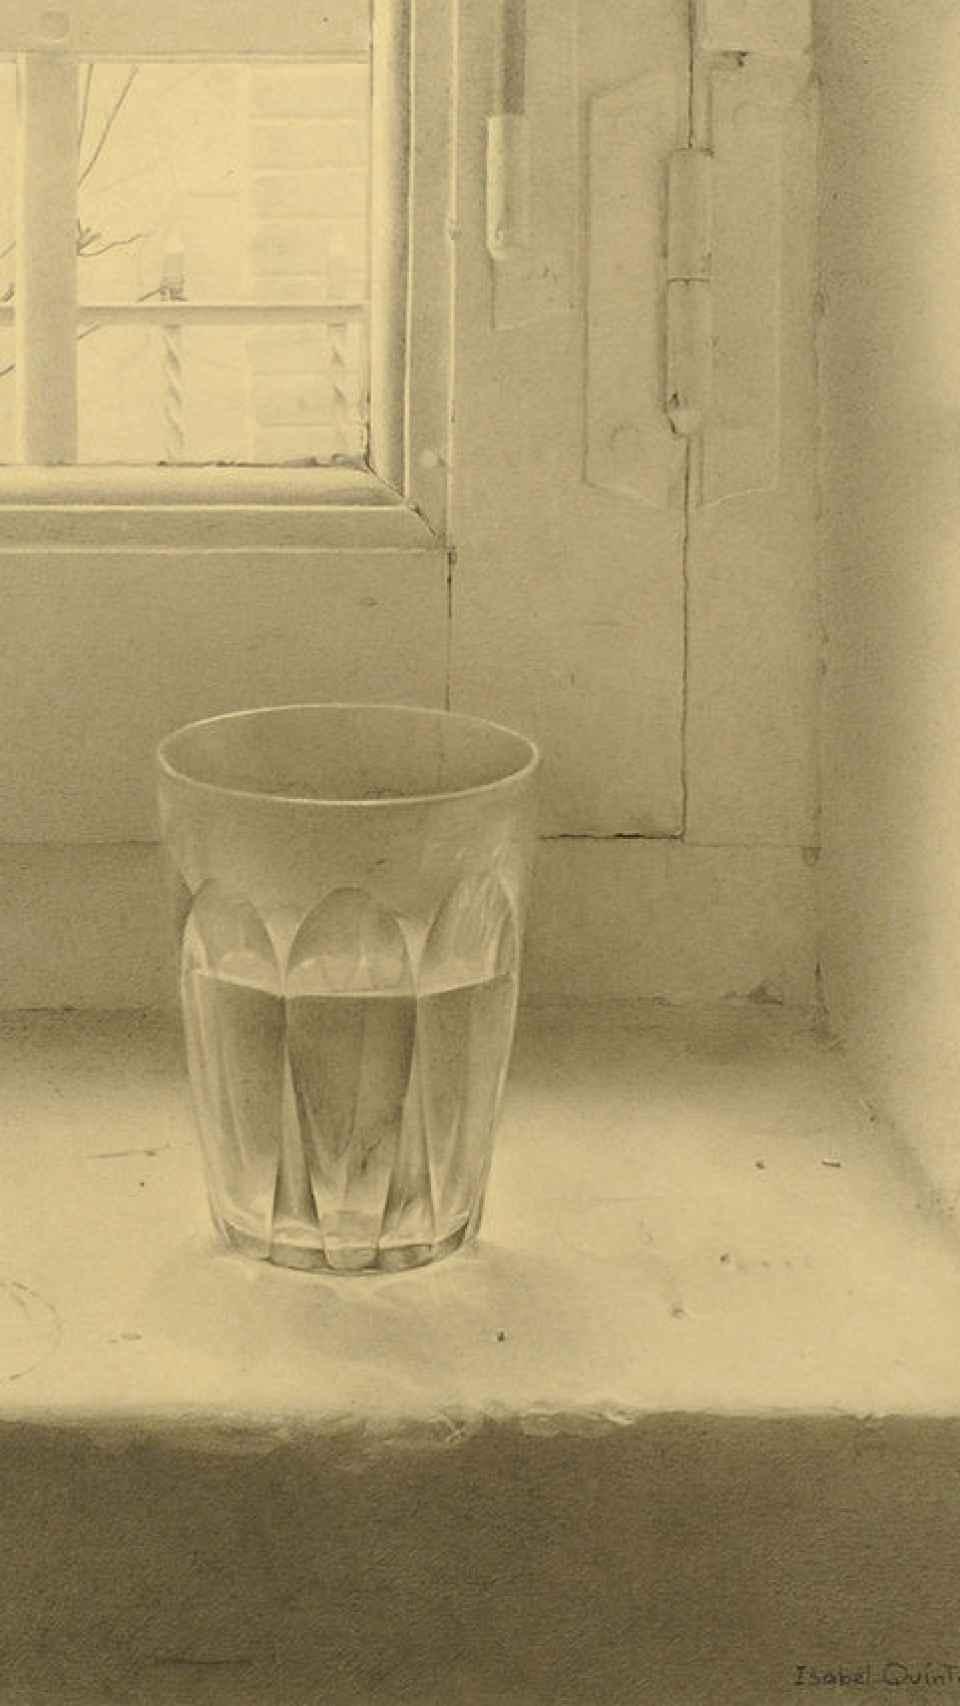 El vaso, uno de los cuadros más famosos de Quintanilla.